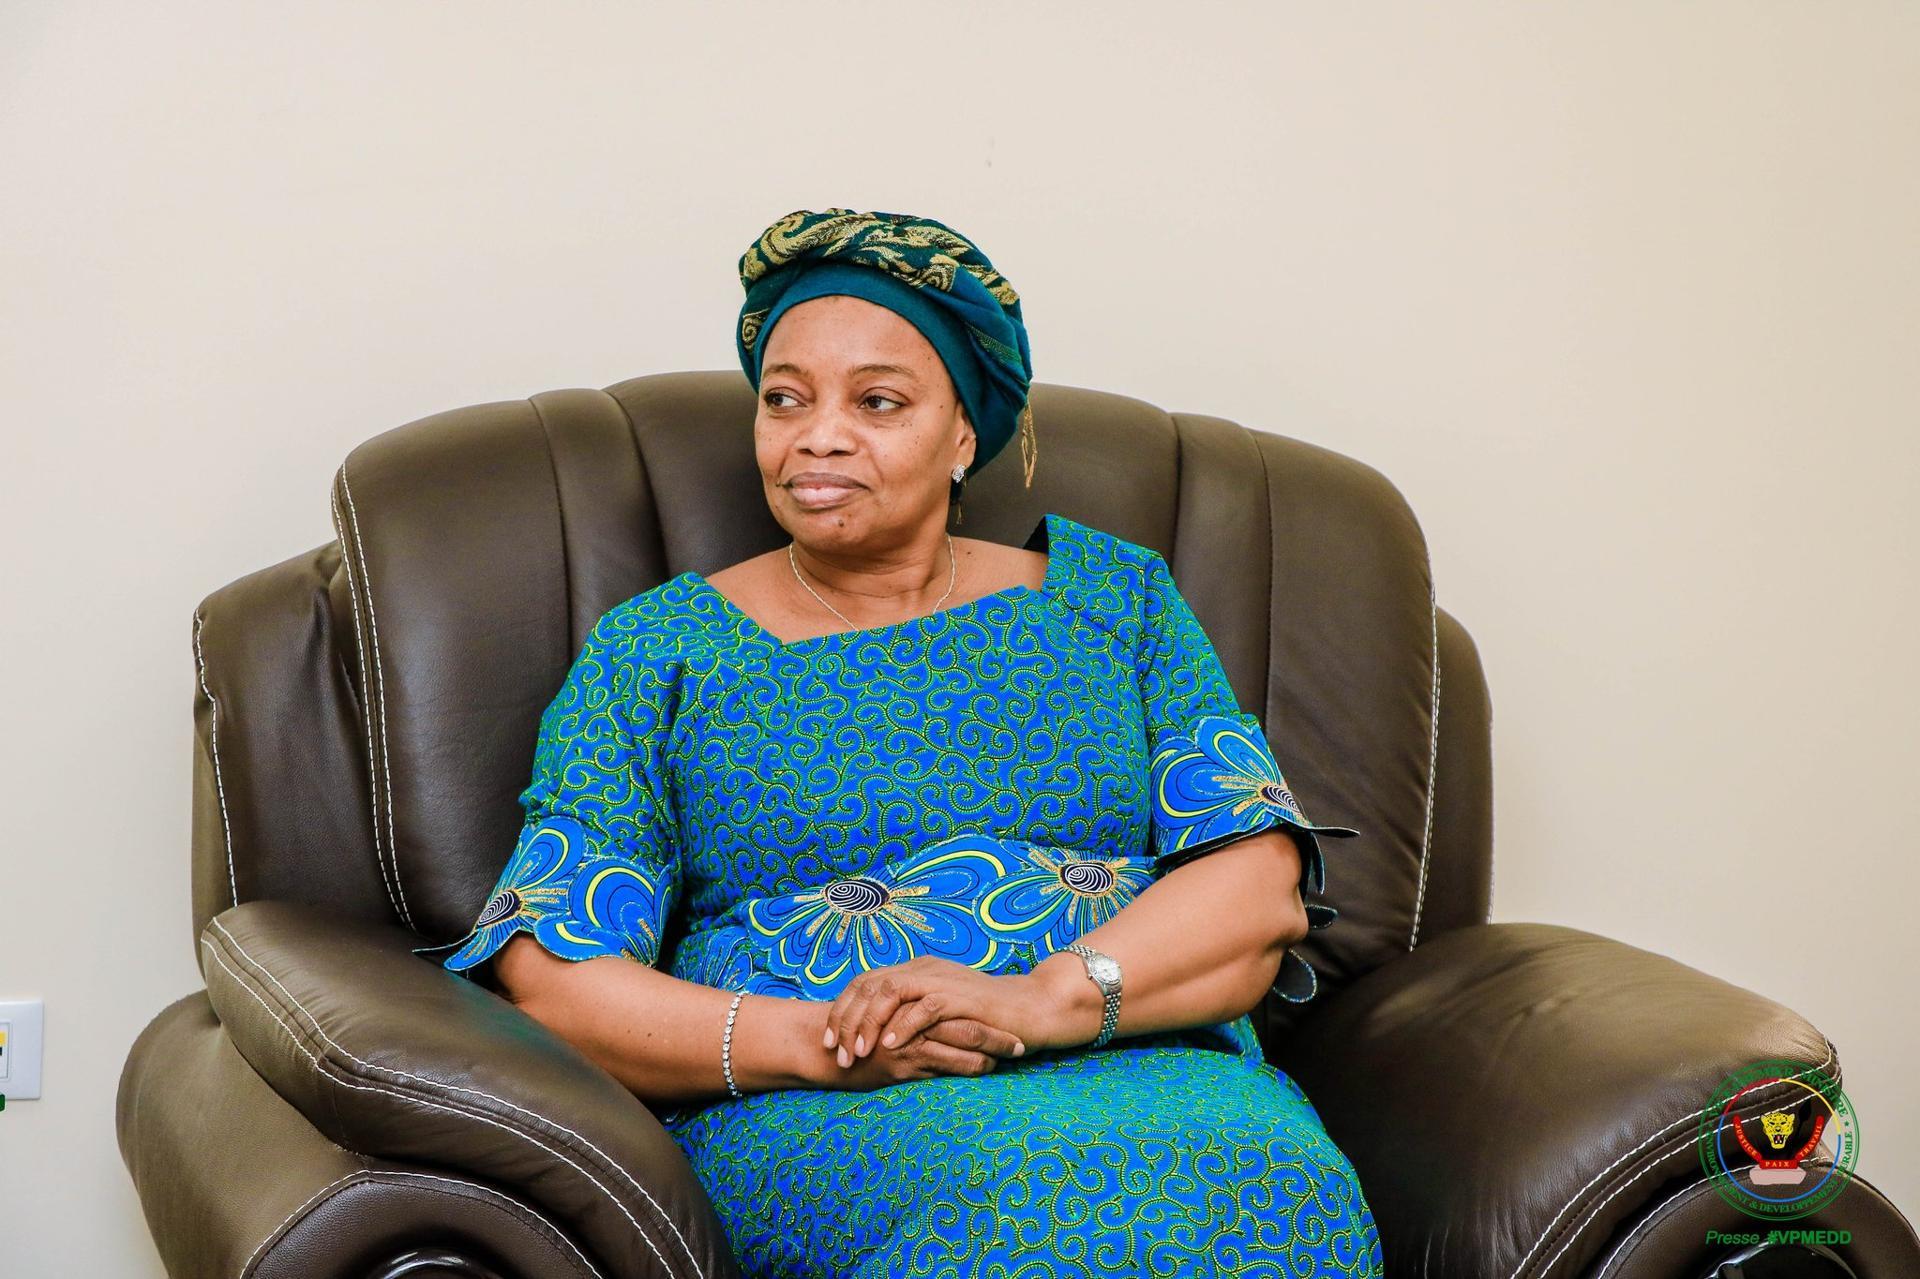 Environnement : le VPM Eve Bazaiba entend travailler notamment sur l'assainissement, le renflouage du trésor public et la paix dans les aires protégées